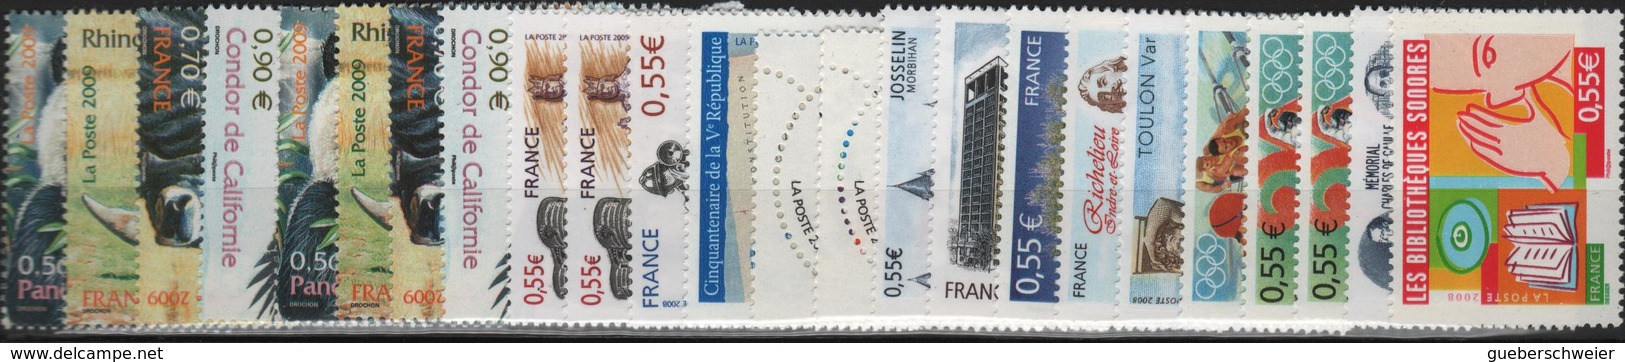 Lot De Timbres De France Neufs** Pour Affranchissement à Moins 40% De La Faciale Toutes Valeurs En Euros - France